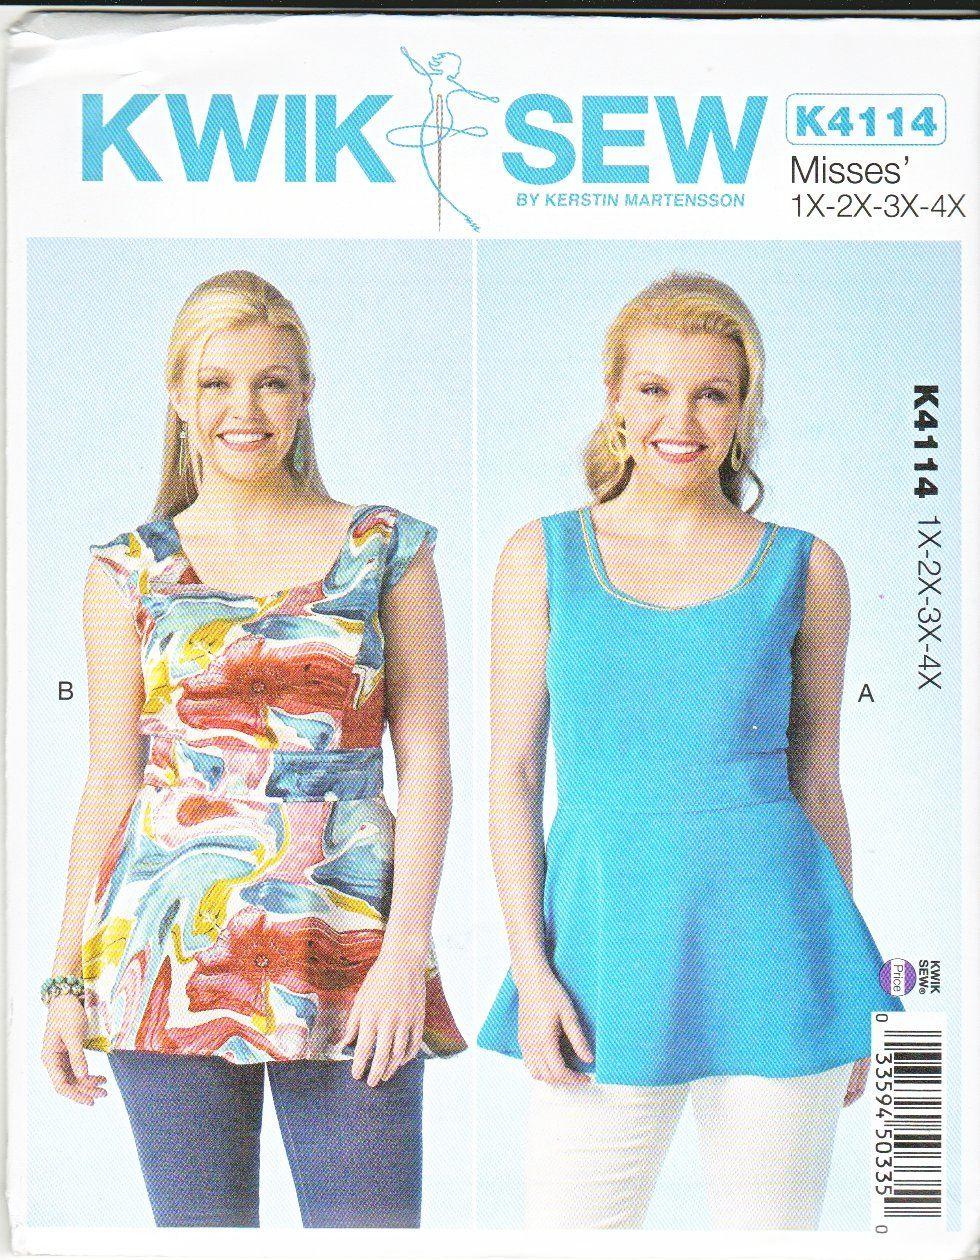 Kwik sew sewing pattern 4114 womens plus size 1x 4x 22w 32w kwik sew sewing pattern 4114 womens plus size 1x 4x 22w 32w jeuxipadfo Choice Image